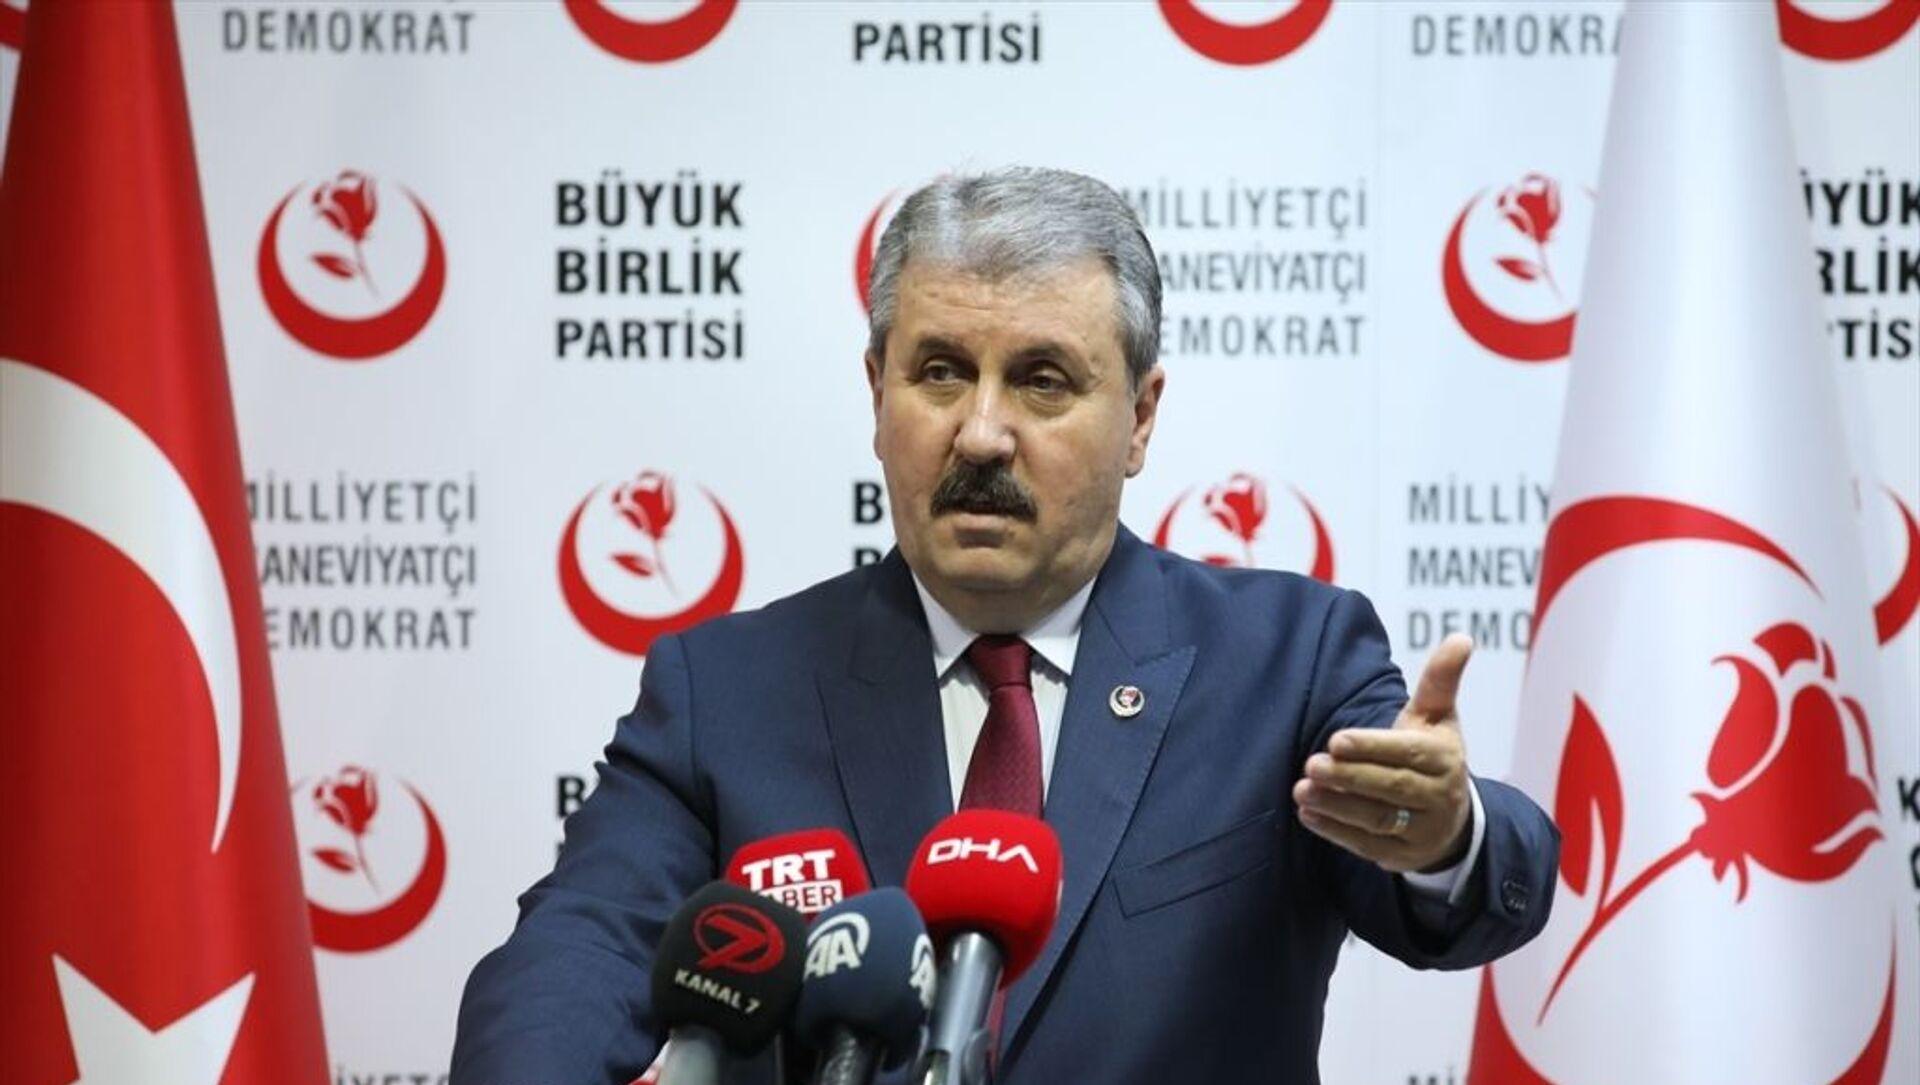 Büyük Birlik Partisi (BBP) Genel Başkanı Mustafa Destici, partisinin genel merkezinde basın toplantısı düzenledi. - Sputnik Türkiye, 1920, 17.07.2021